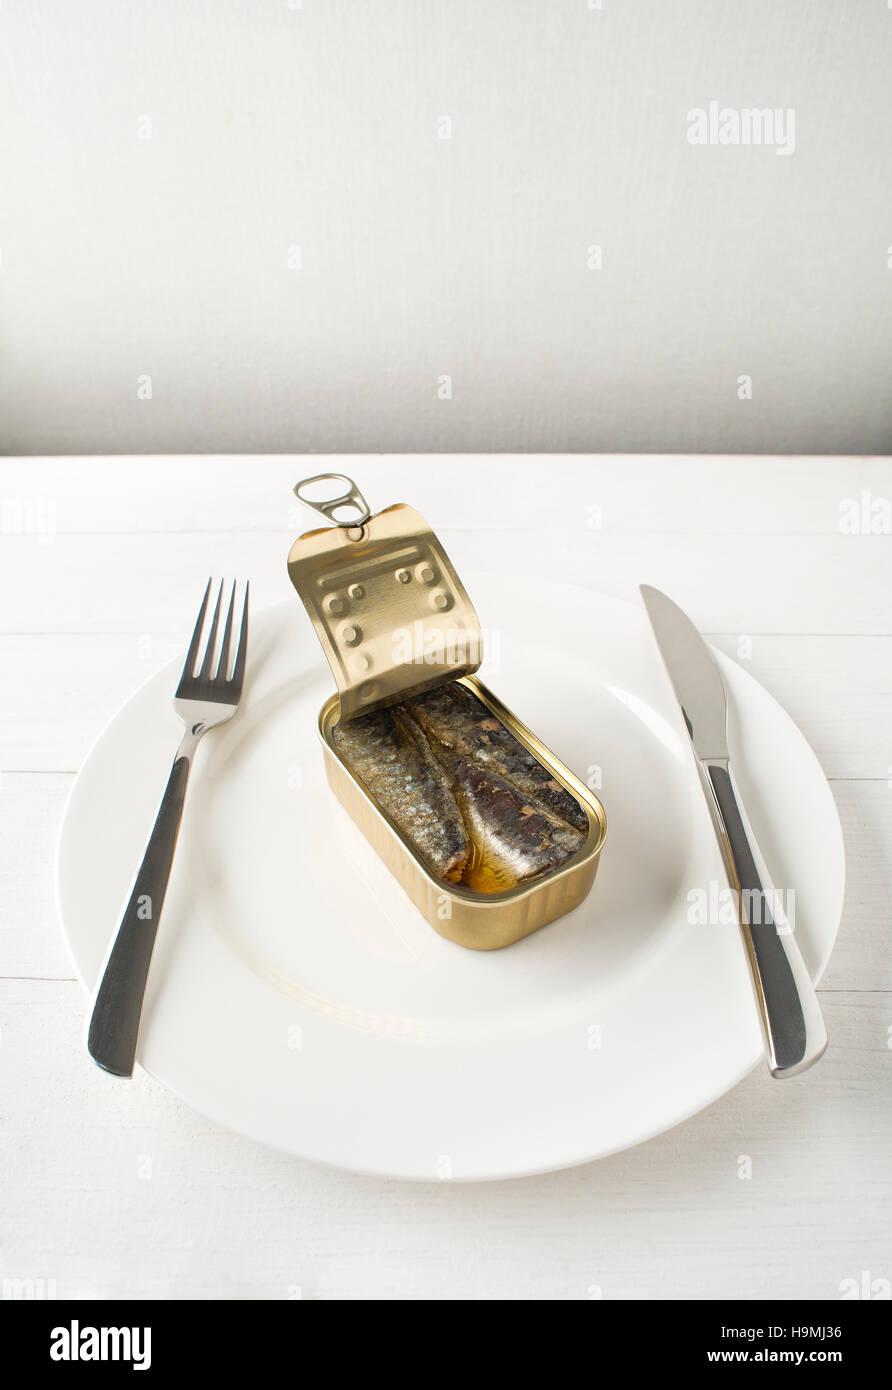 Conserves de sardines à l'huile d'olive sur l'analyse conceptuelle de la plaque blanche Photo Stock